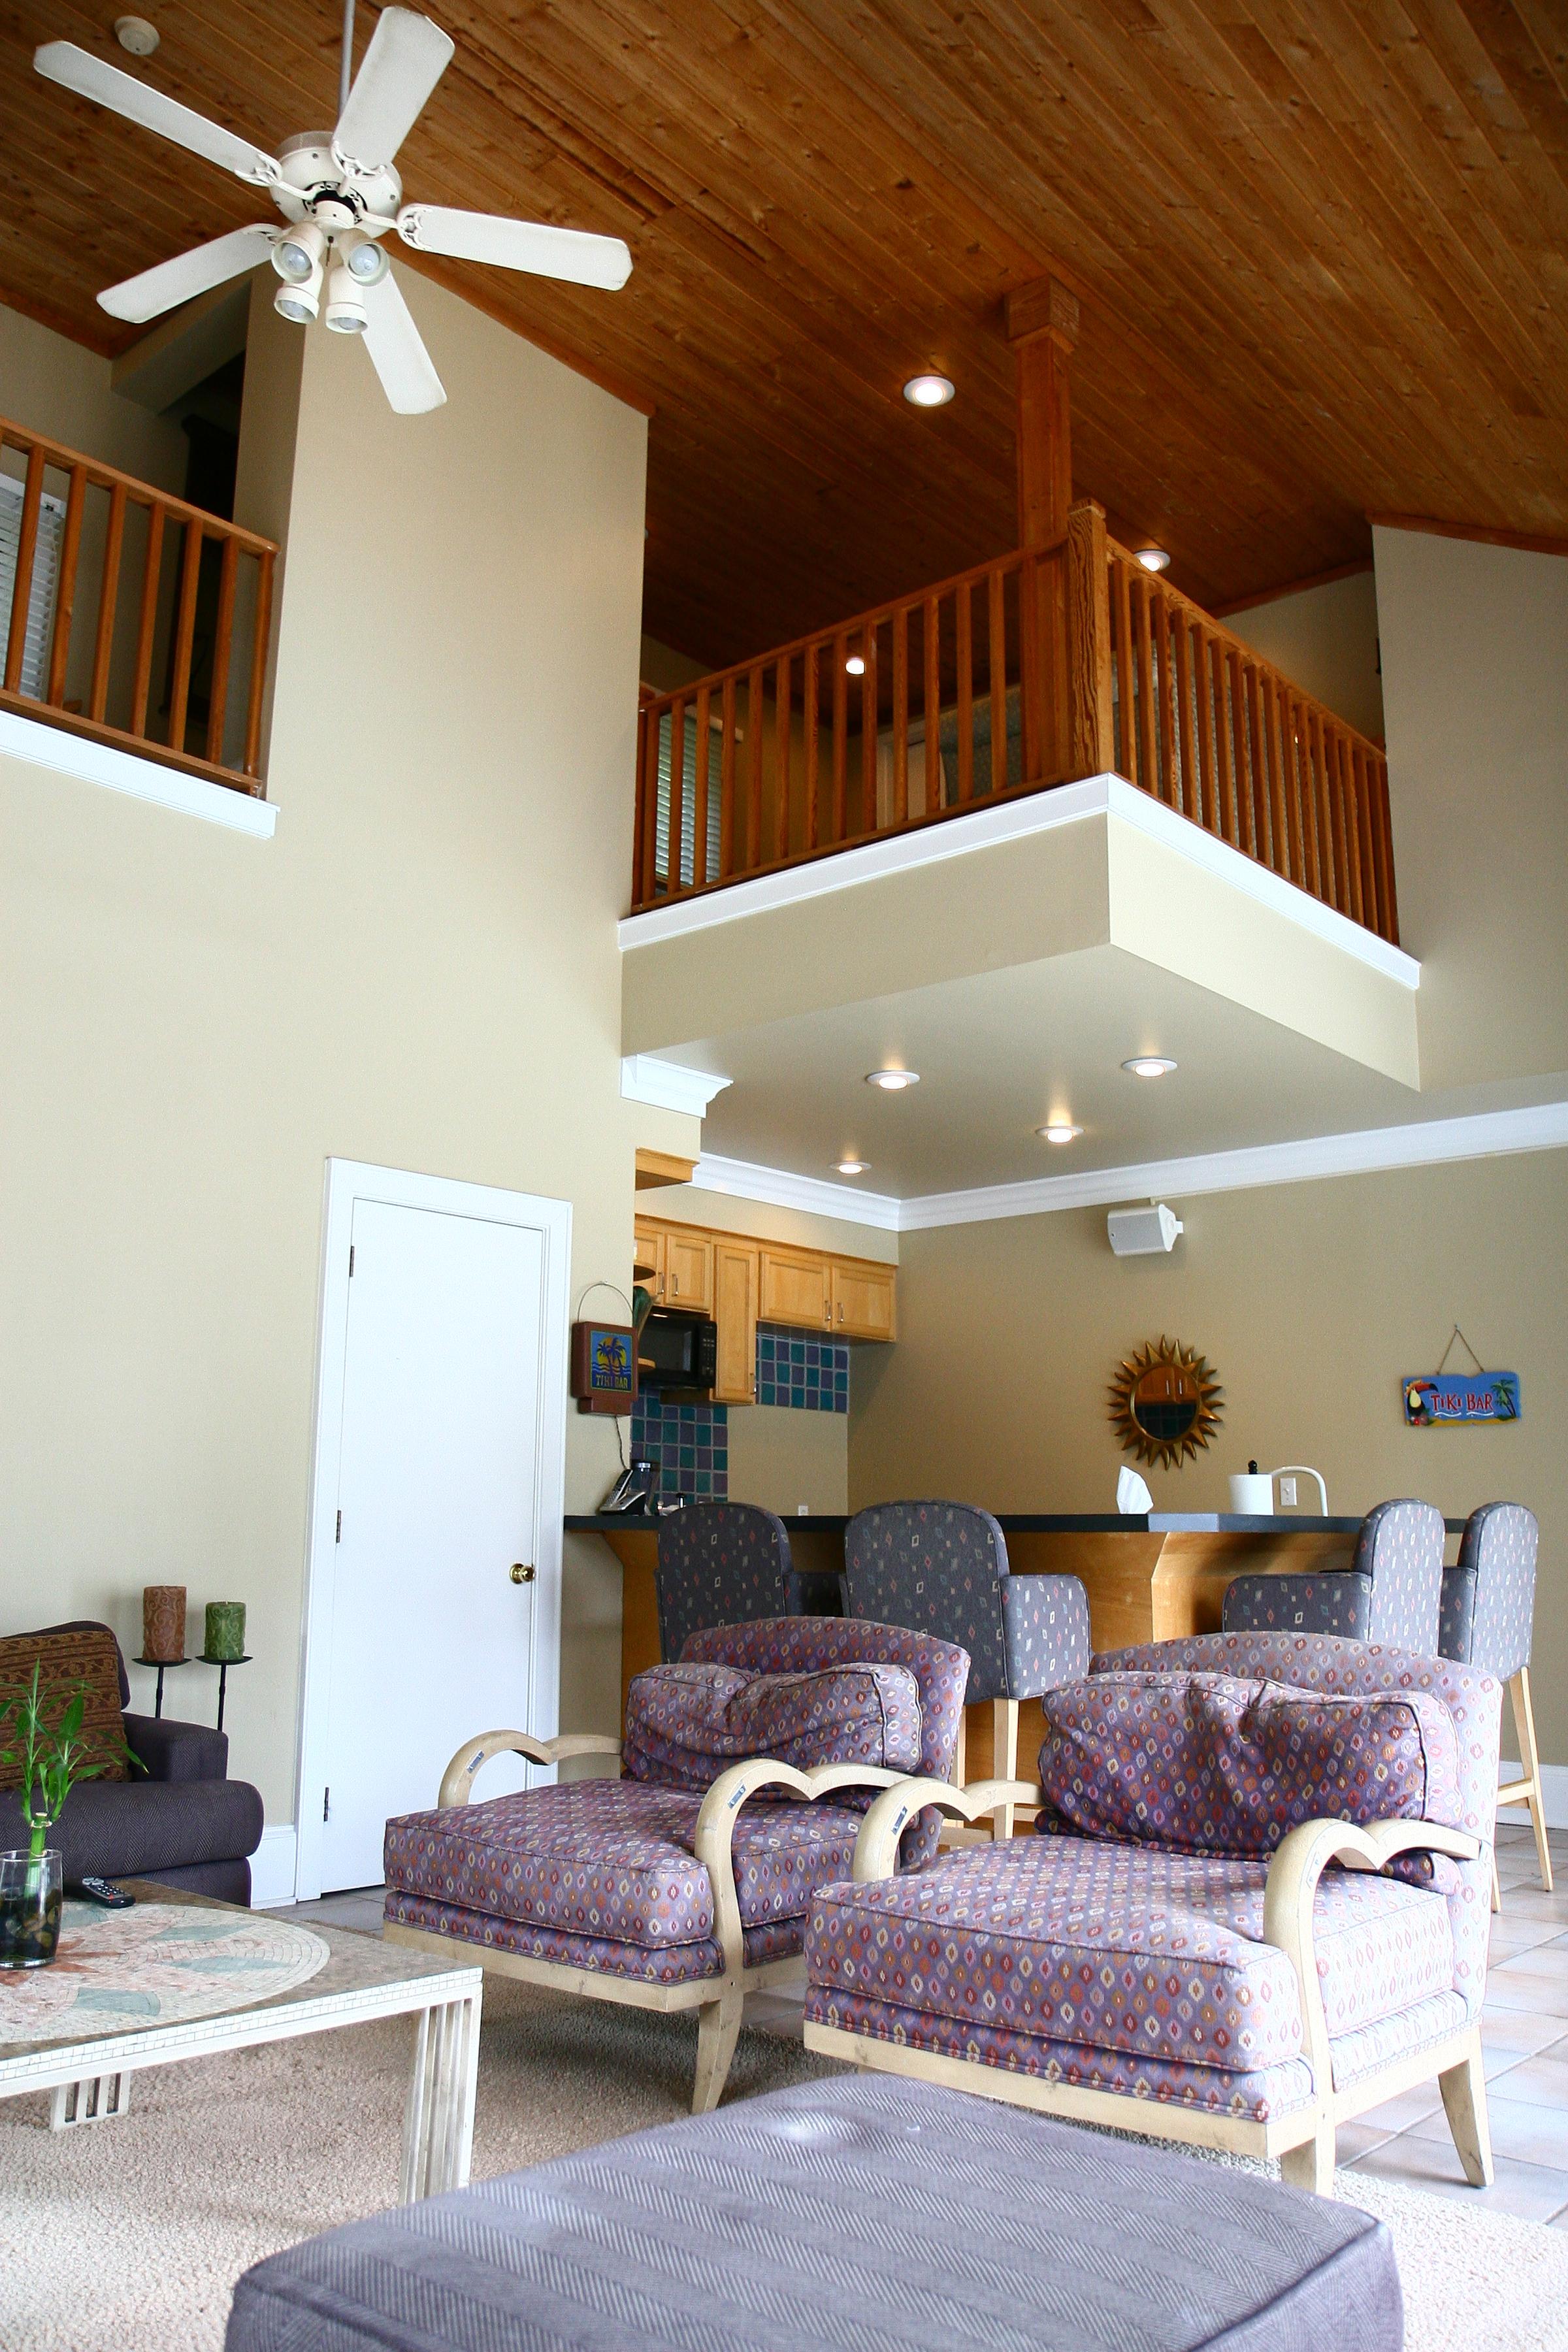 Guest loft above